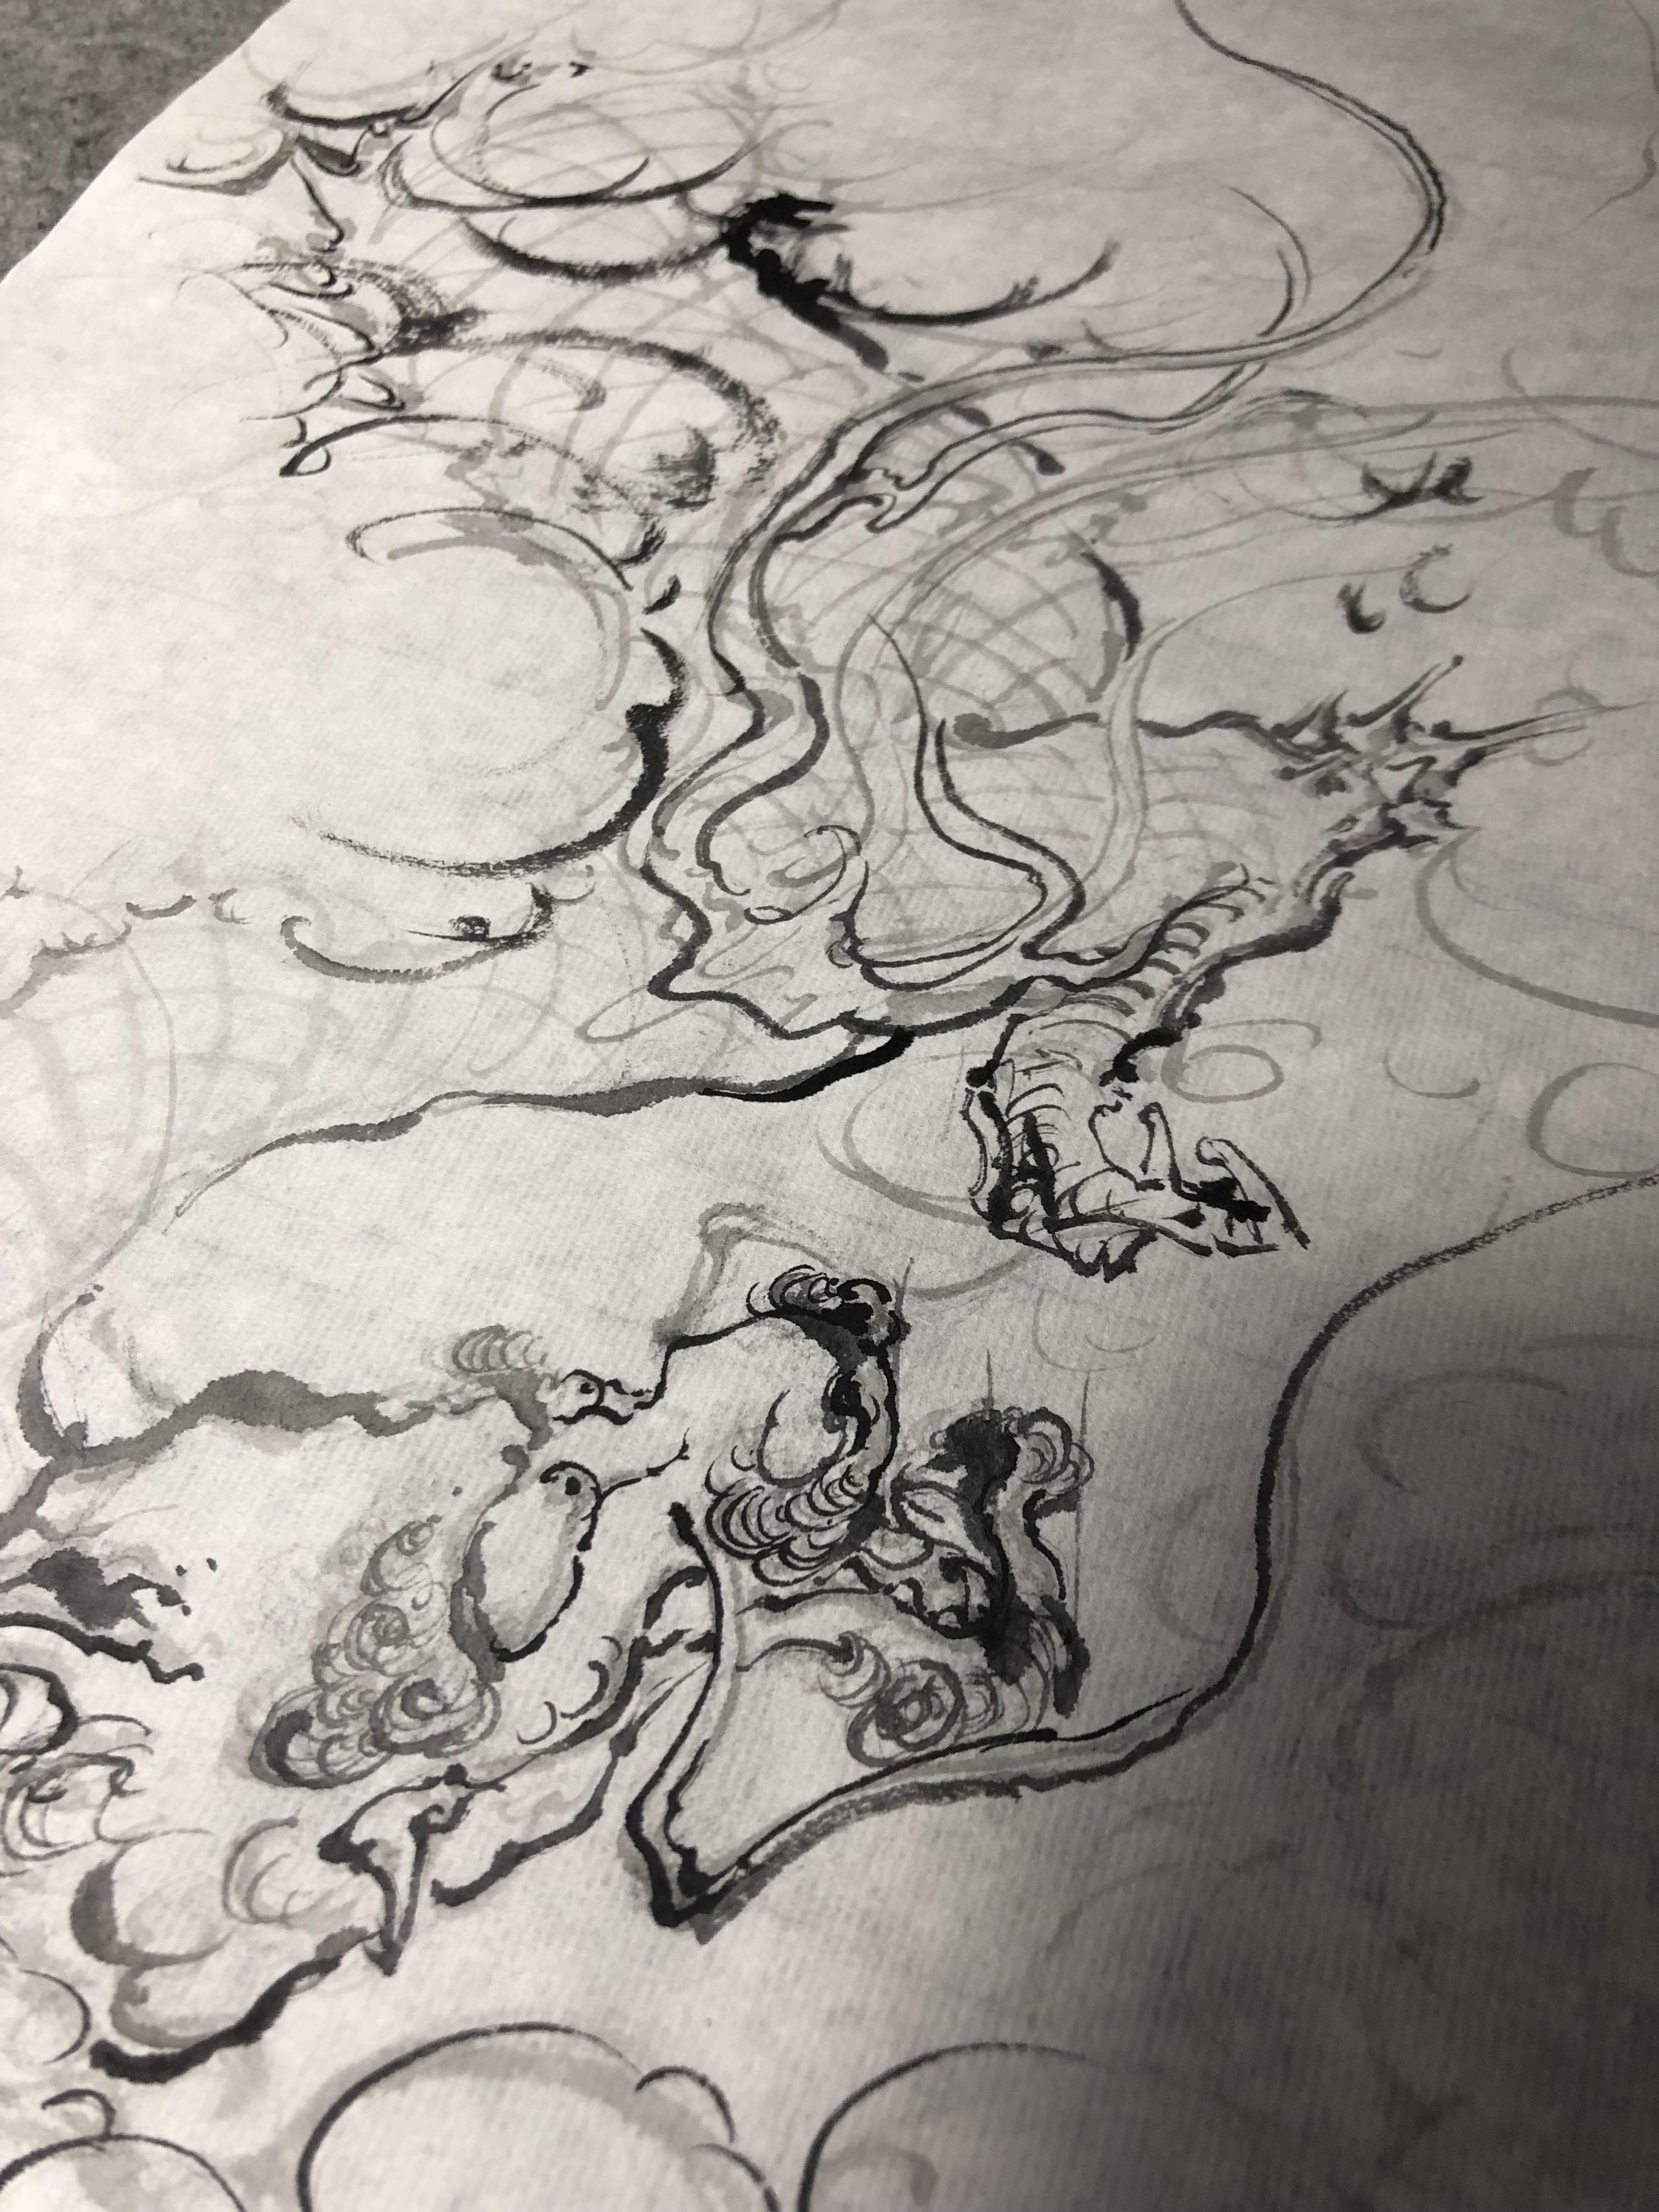 中国龙画法,画龙的流程——由龙 专注传统龙绘画造型研究